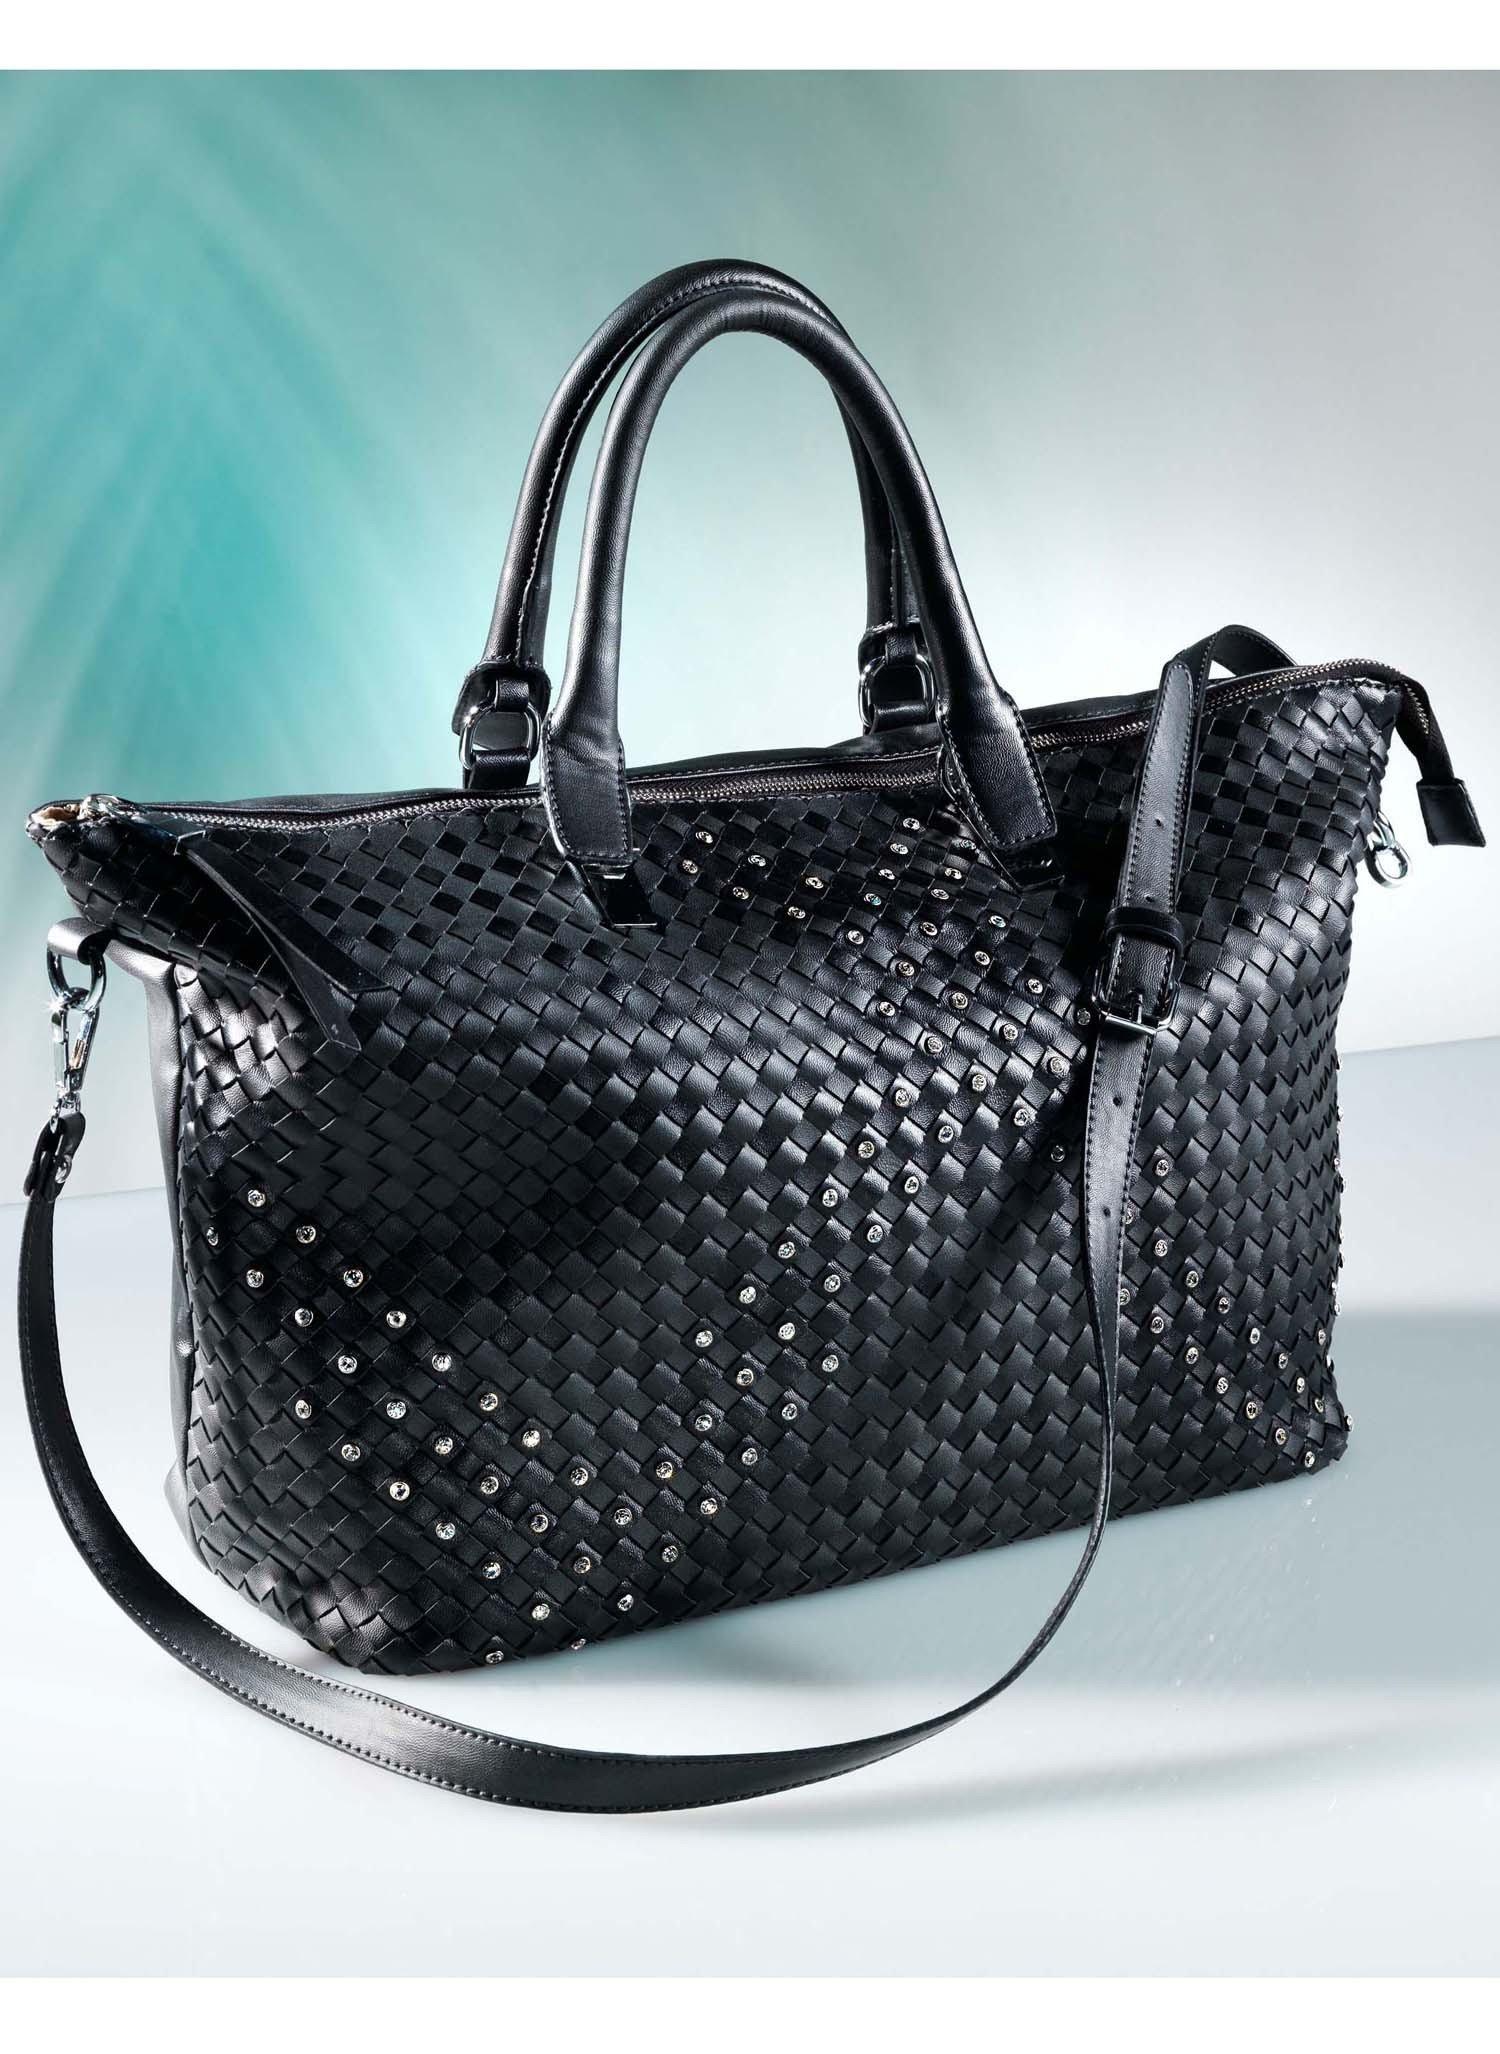 D-Handtasche,Strass,schwarz